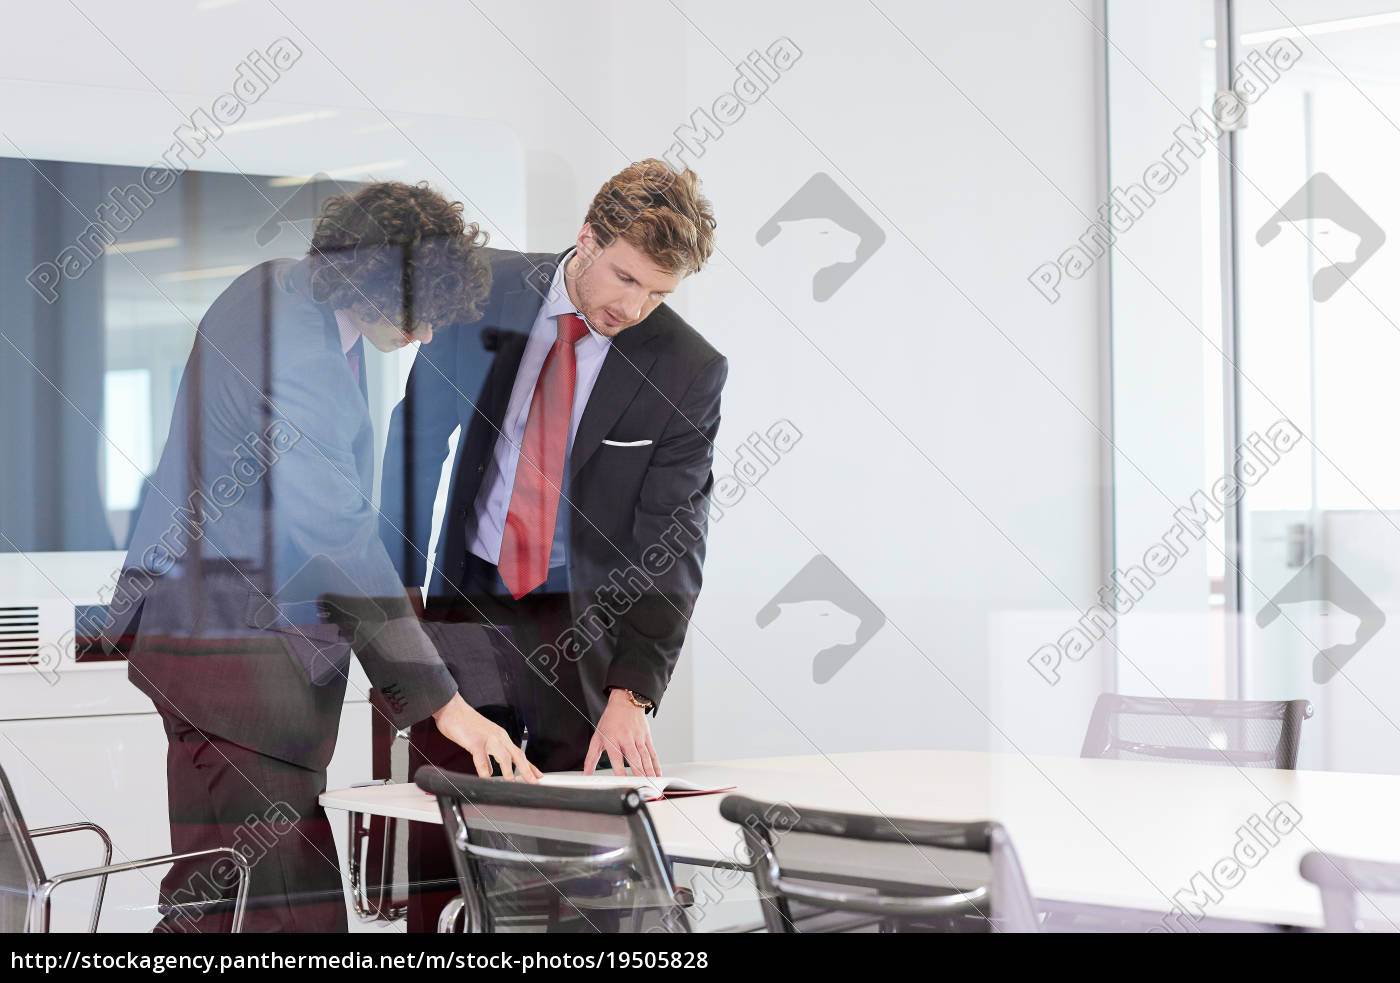 geschäftsleute, stehen, am, konferenztisch, mit, blick - 19505828